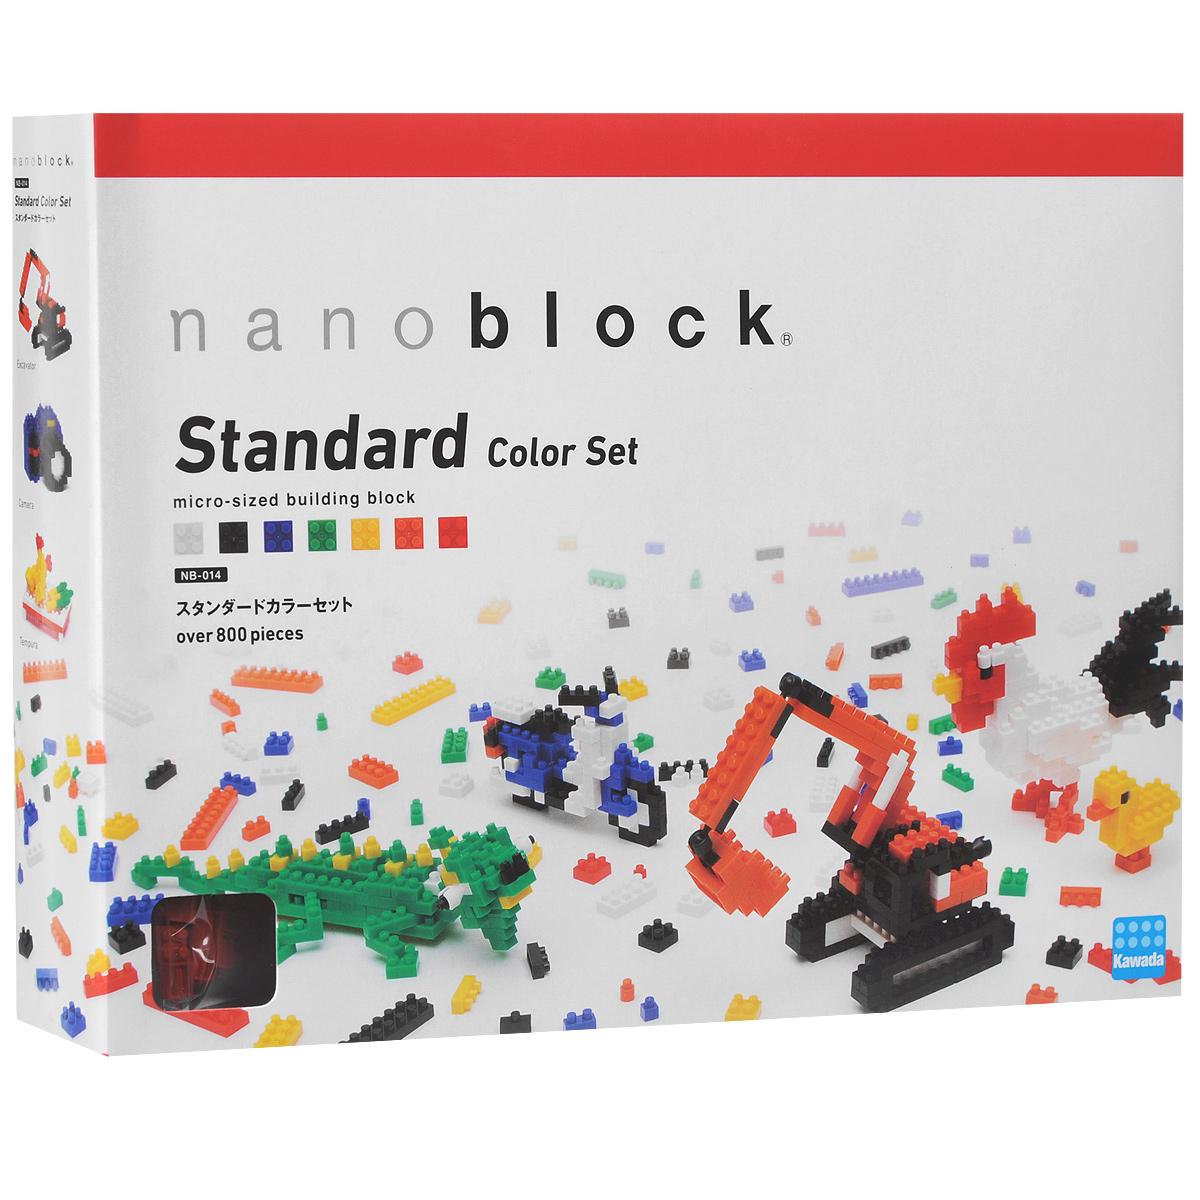 Nanoblock Мини-конструктор Набор цветных кирпичиковNB_014Конструктор Nanoblock - самый маленький в мире конструктор, крайне необычный. Высокоточные трехмерные модели из деталей подобных Лего, но предельно уменьшенных в размерах, стали хитом в Японии и буквально произвели фурор в Америке, Европе, Азии и Австралии. Чем-то сборка этого мини-Лего похожа на решение 3D-головоломки, особенно в момент, когда продолжительные усилия по сборке вознаграждаются появлением долгожданной конструкции! Больше 800 деталей в комплекте, разбитых на 7 цветов: красный, желтый, зеленый, синий, оранжевый, белый и черный. Белые и черные представлены 13 различными формами, а у цветных - по 9 форм. Набор предназначен для реализации собственных задумок и создания уникальных мини-конструкций. Для того, чтобы помочь сразу освоиться с техникой создания мини-моделей из наноблока, производитель предлагает для начала построить 7 объектов-примеров по схеме в комплекте. Но это именно ознакомительный этап, ведь имея под рукой такое количество кирпичиков дающих...